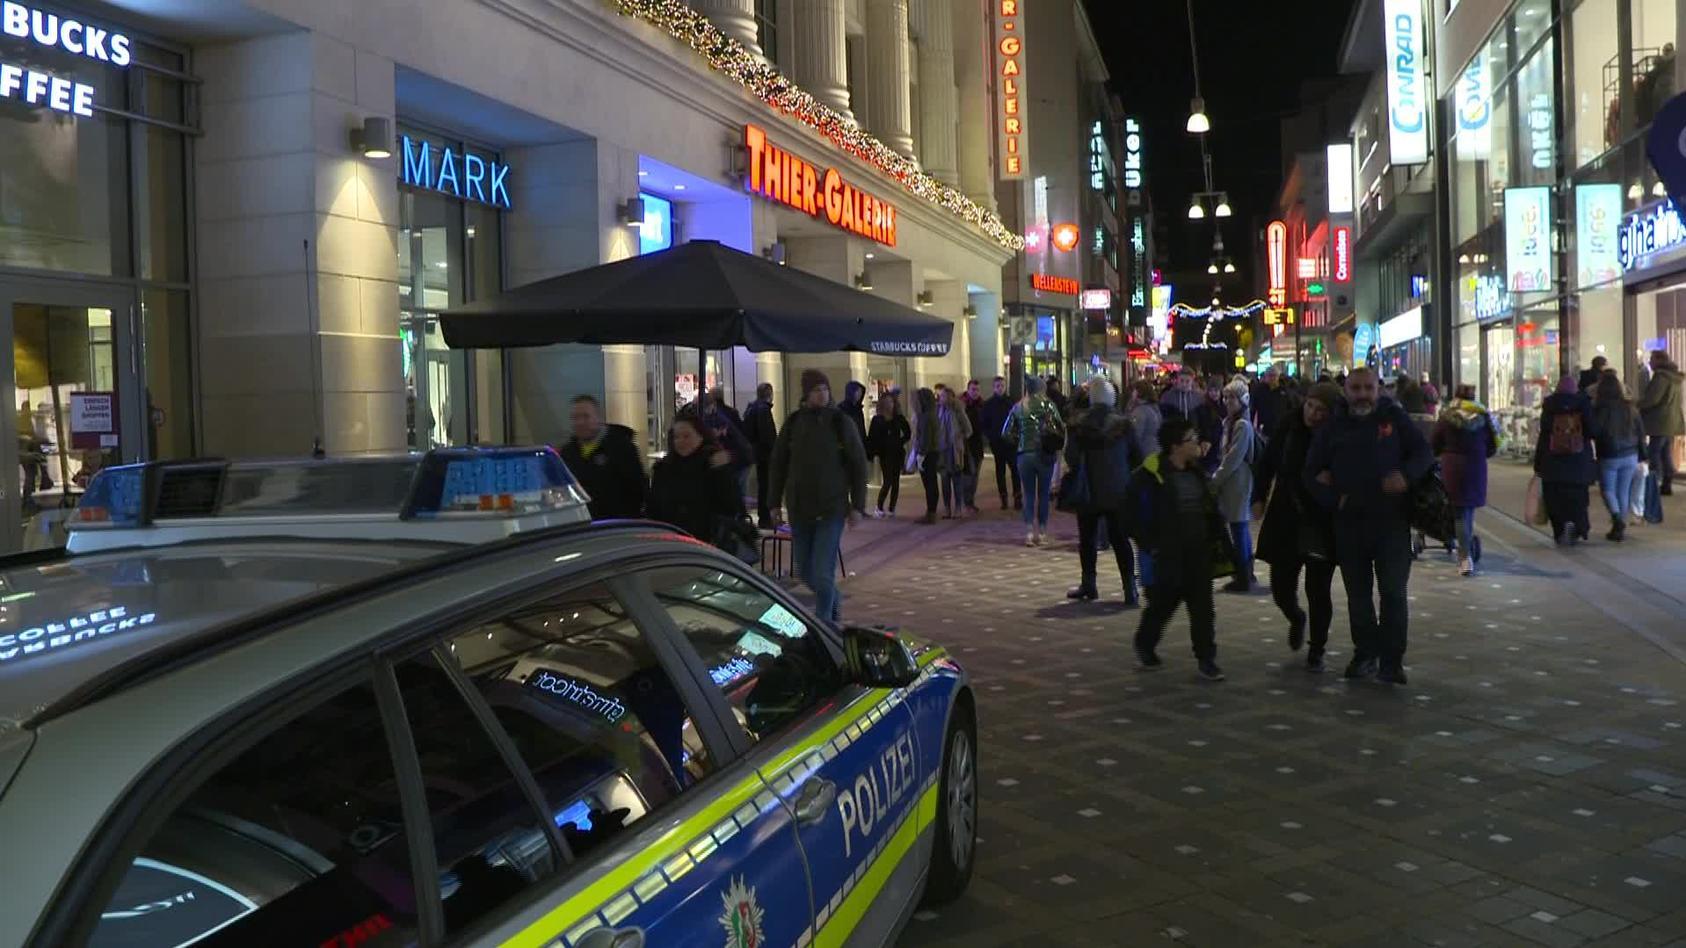 Böller verursachen Panik in einem Einkaufszentrum in Dortmund